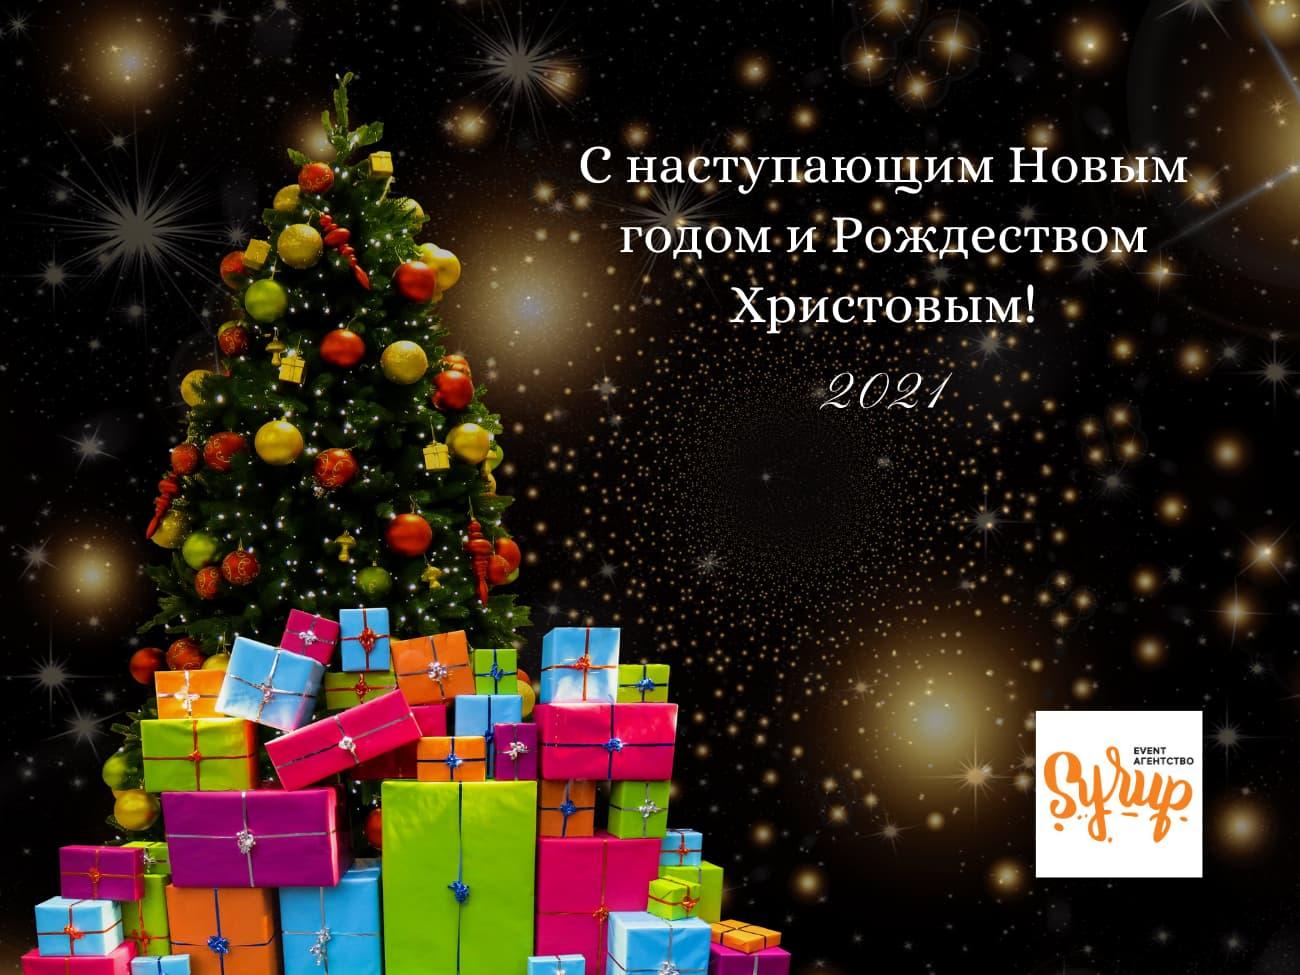 Поздравления с Новогодними праздниками и Рождеством Христовым